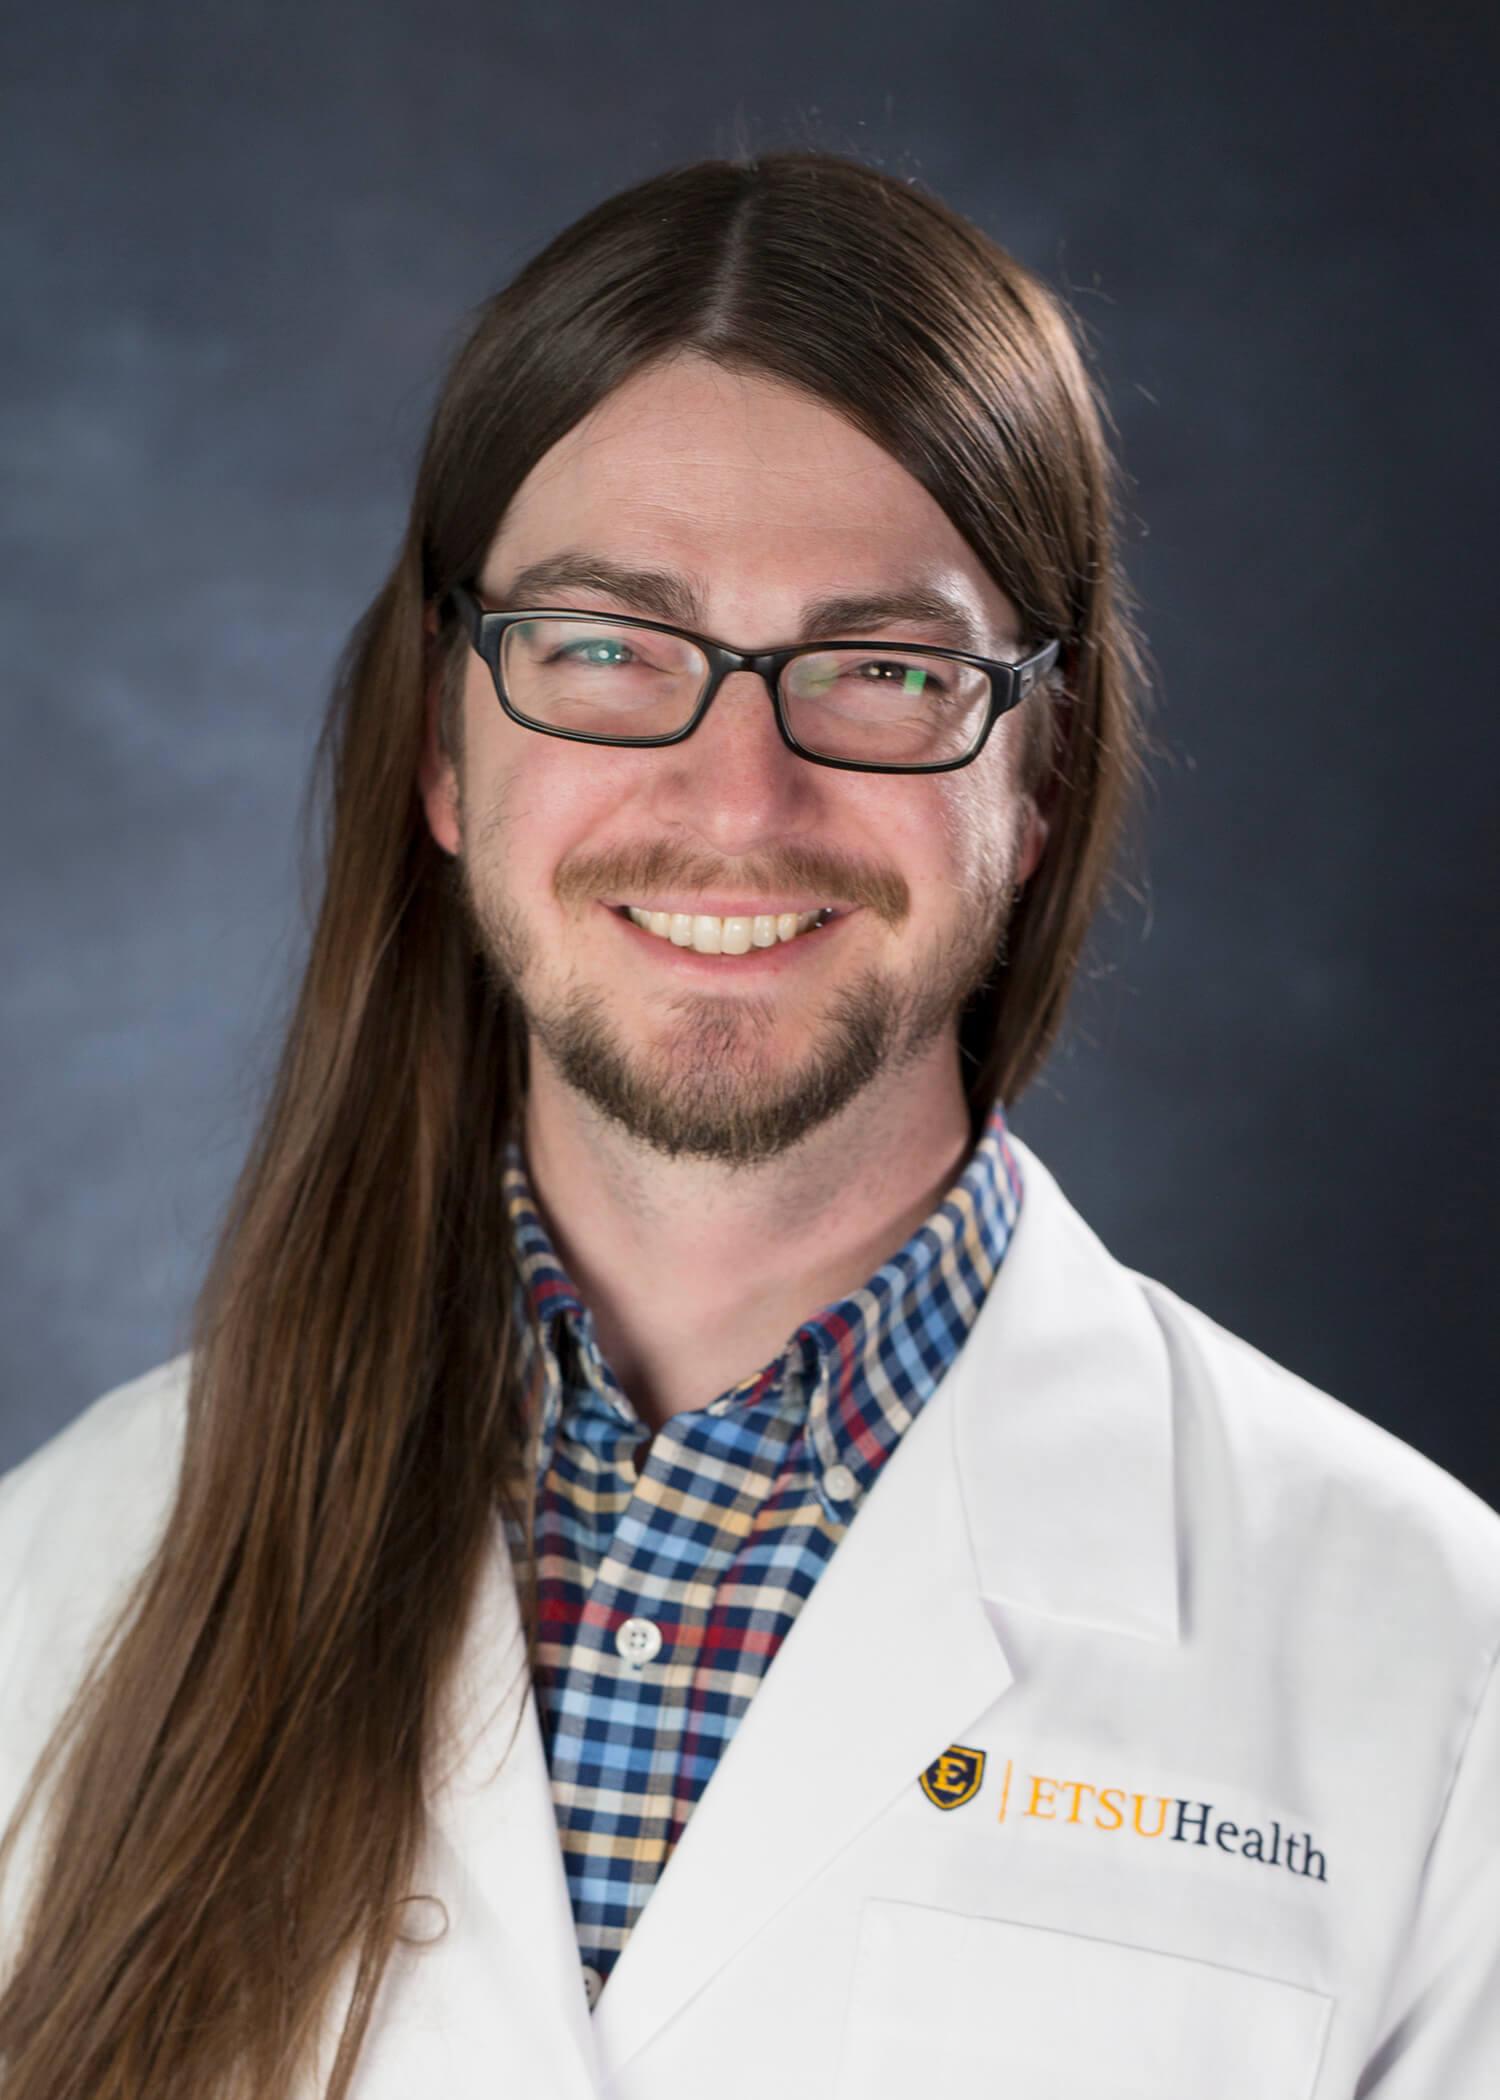 Photo of Christopher Bridges, M.D.